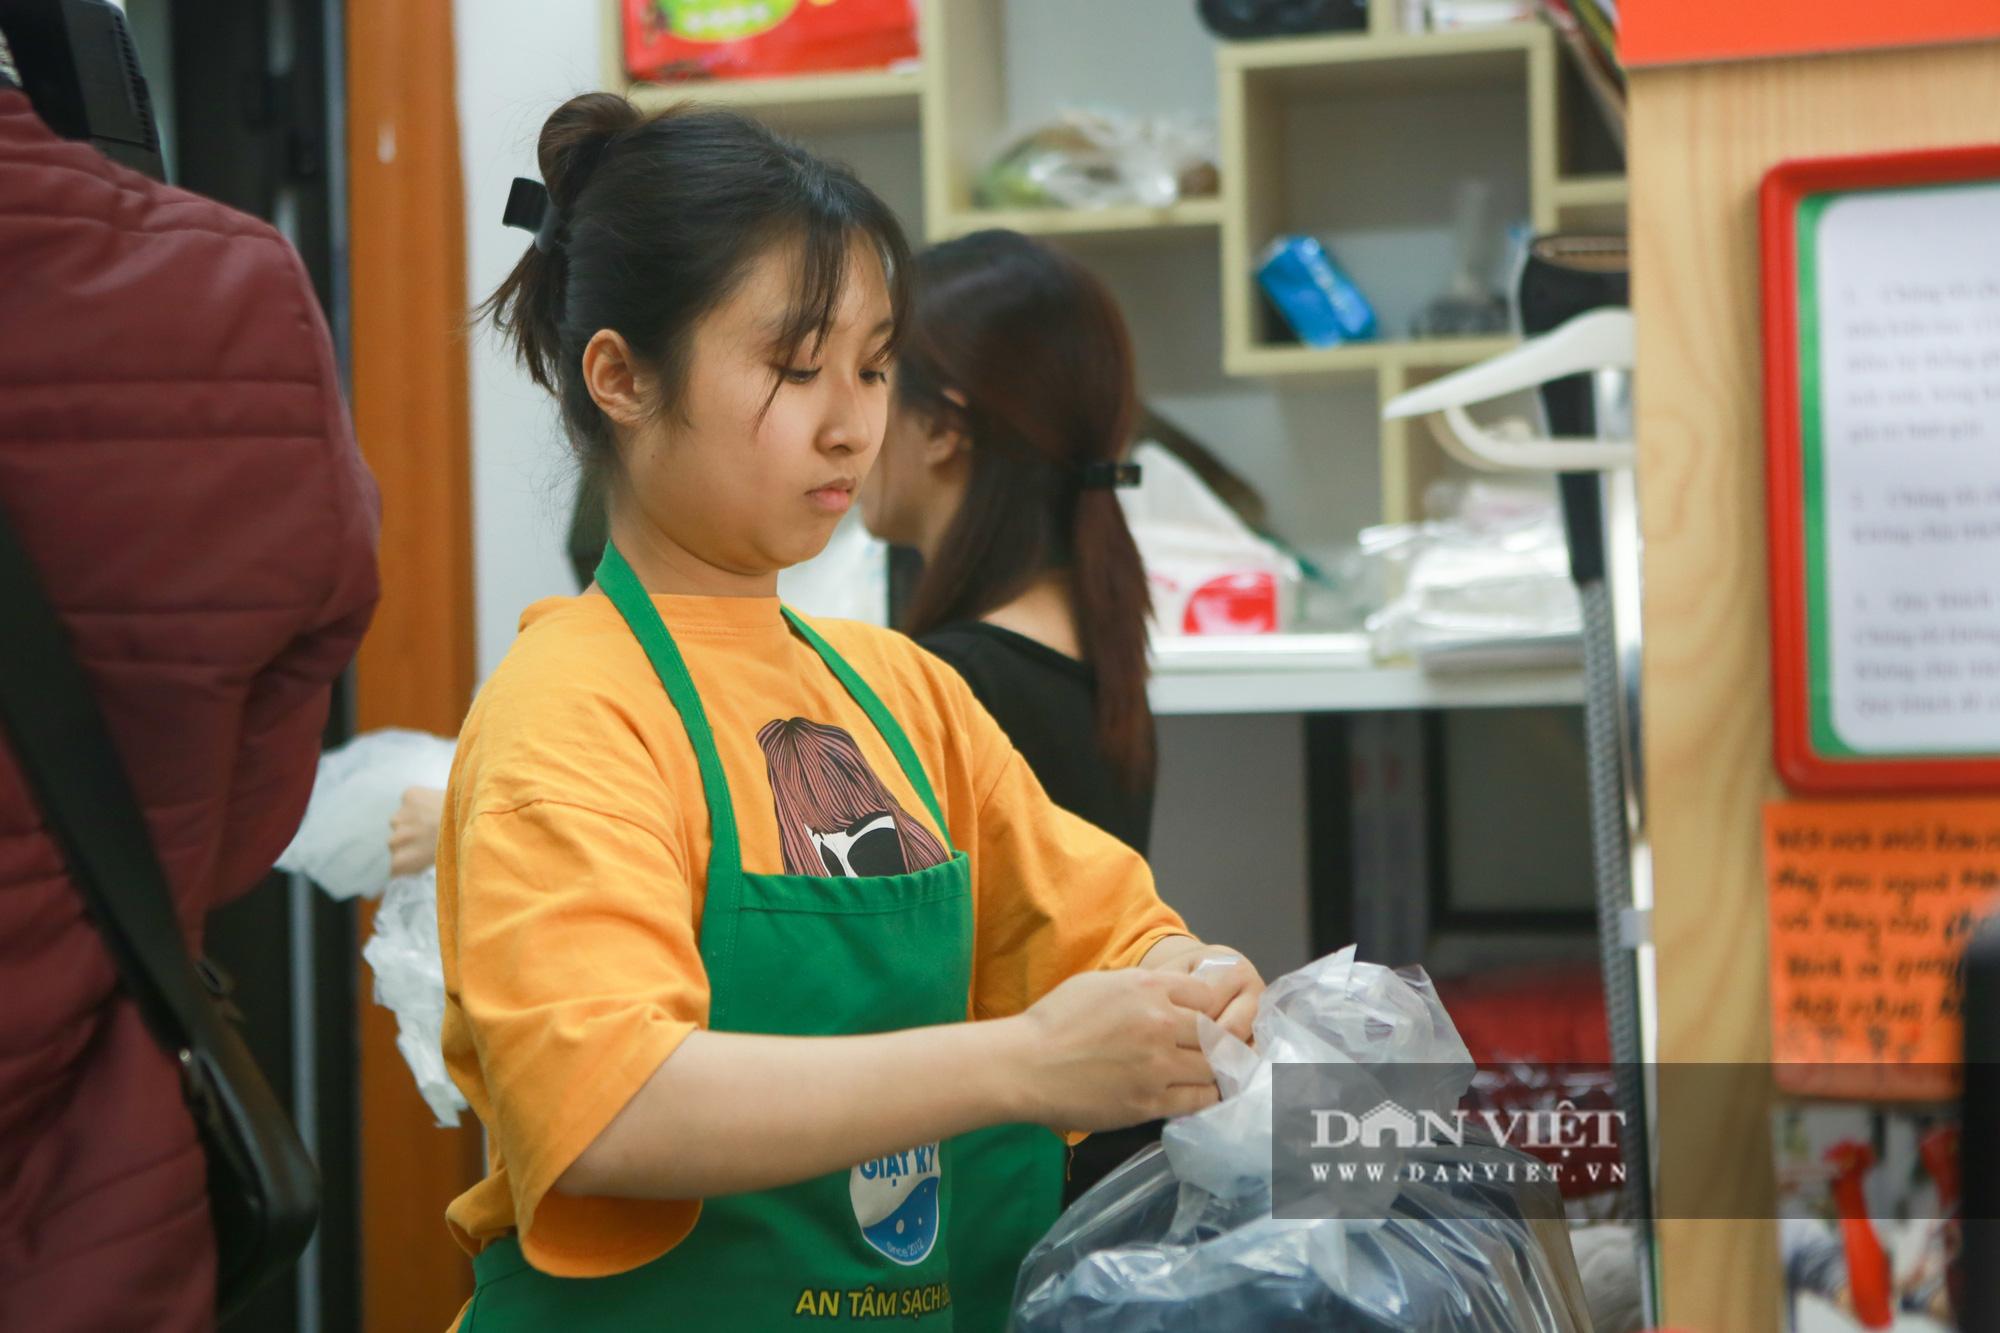 Tiệm giặt là không tiếng nói của những cô gái xinh đẹp tại Hà Nội - Ảnh 7.